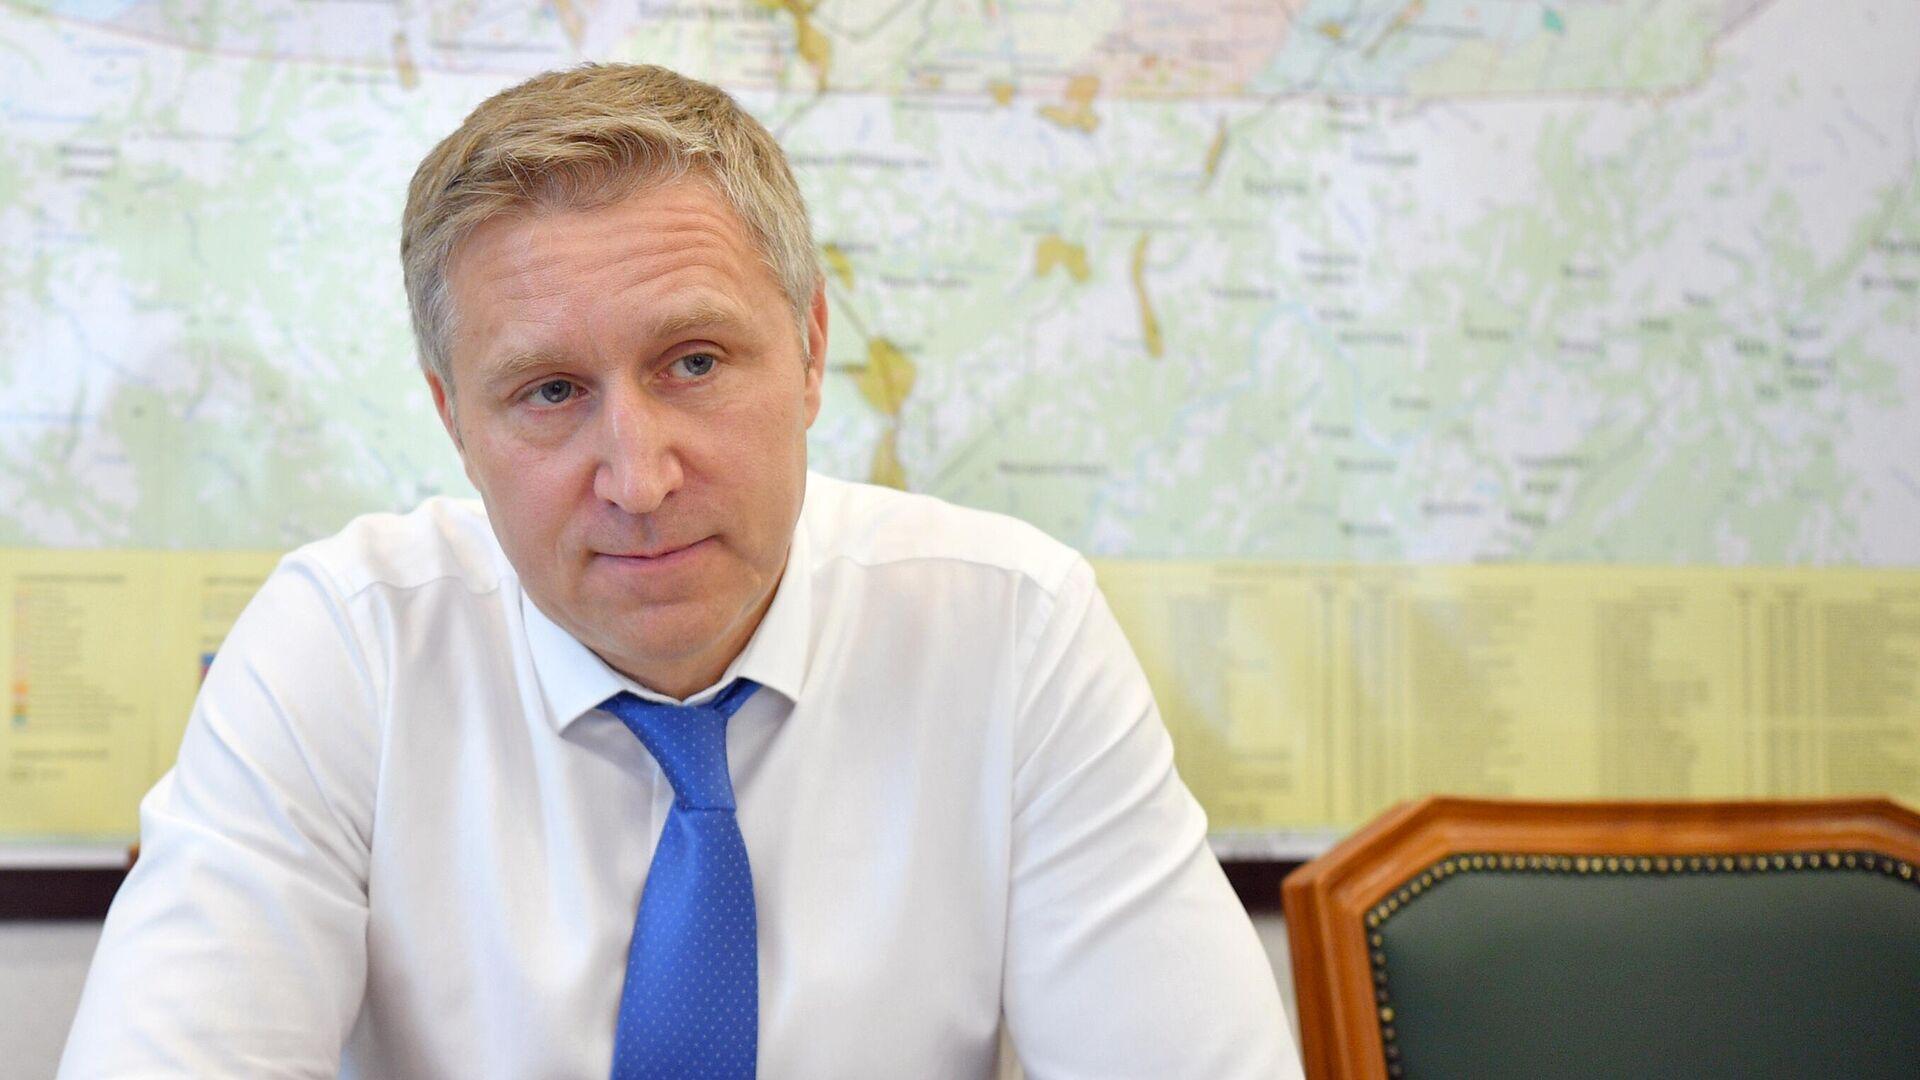 Губернатор Ненецкого округа Бездудный заразился коронавирусом